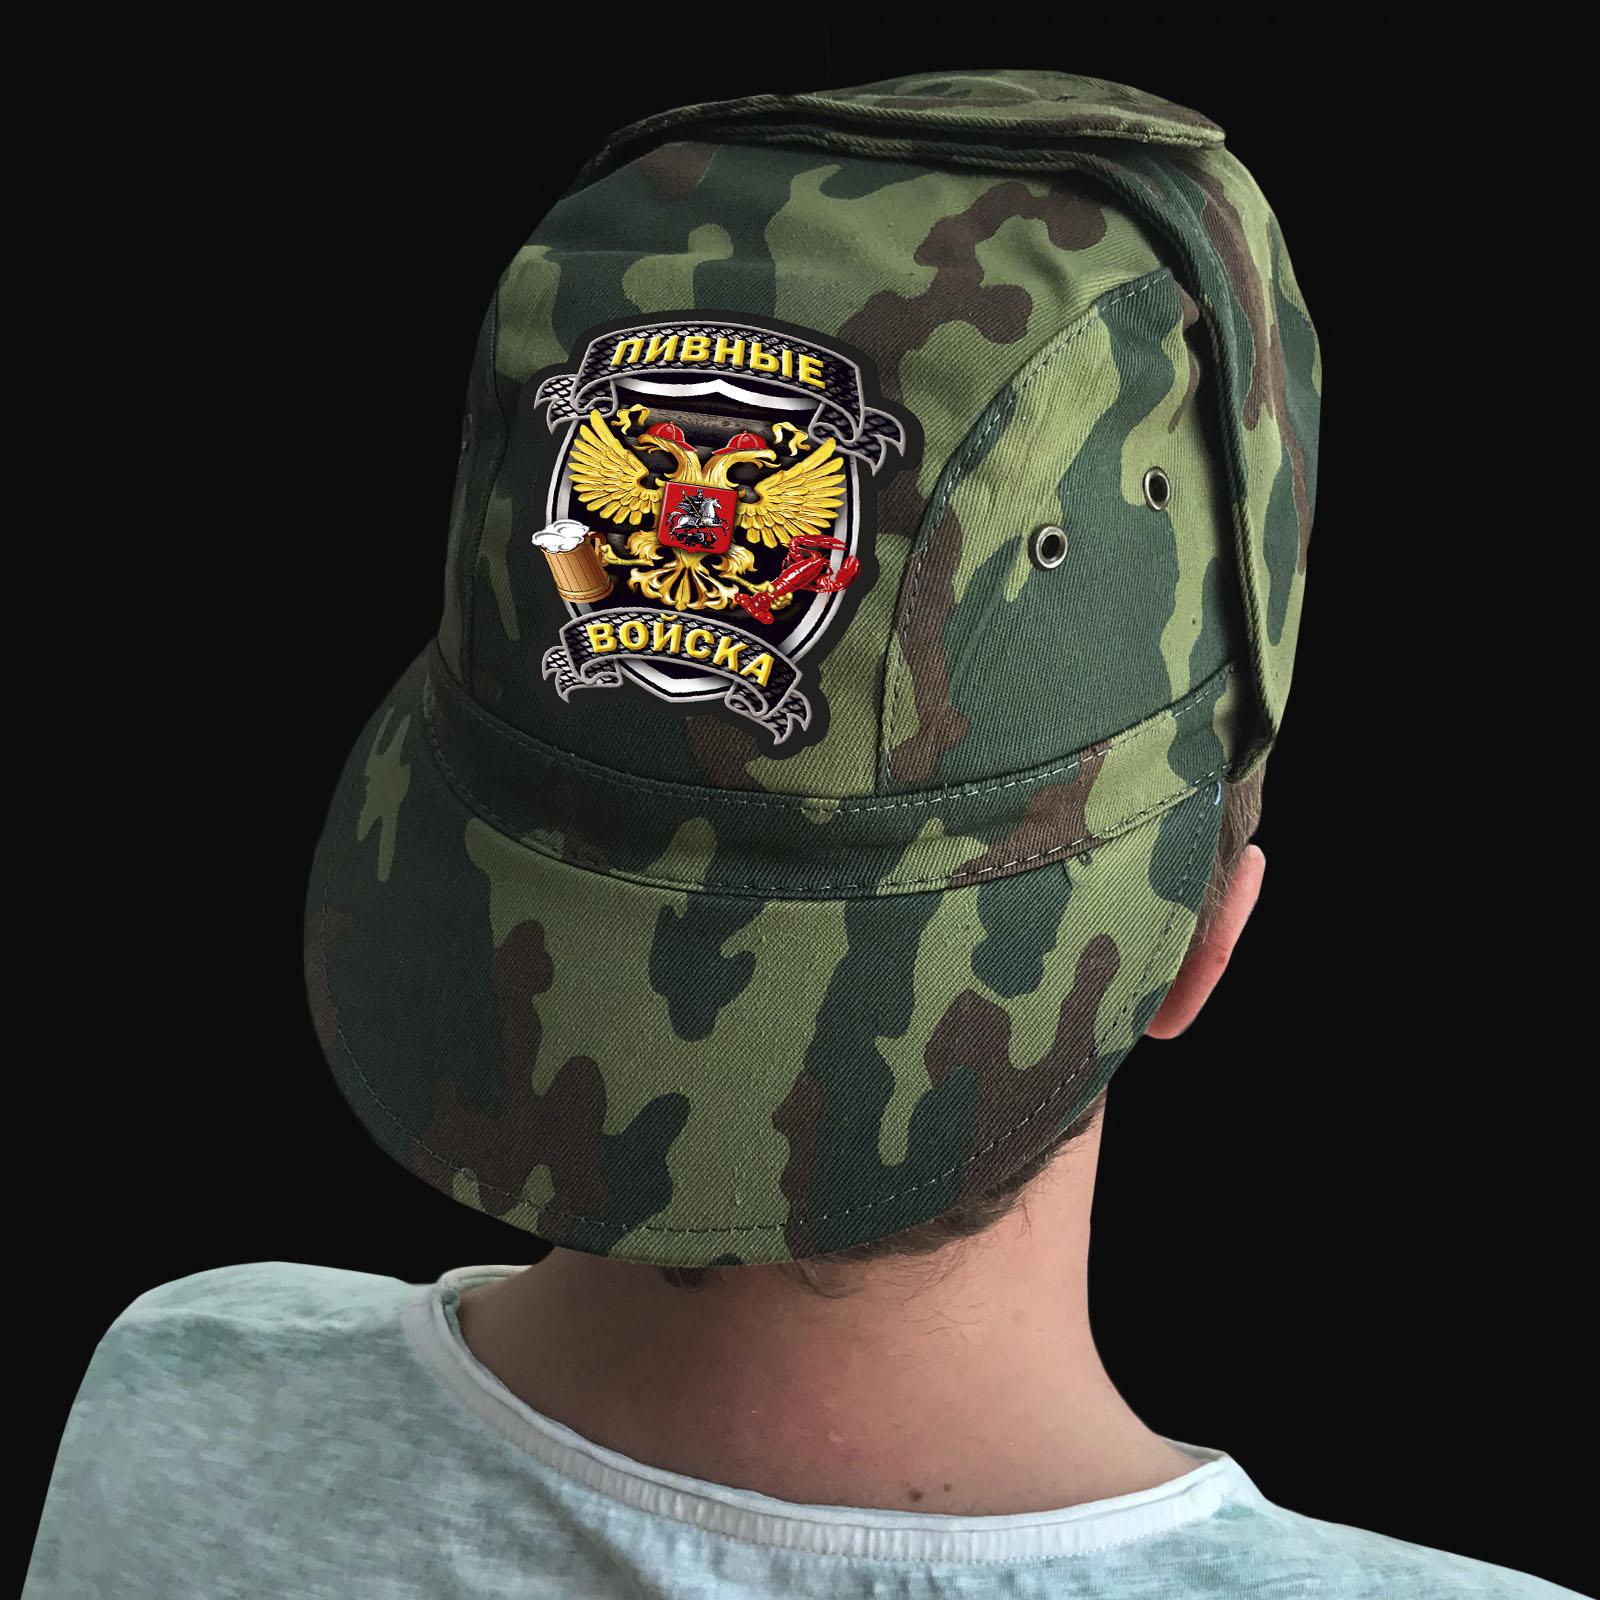 Купить тактическую кепку-камуфляж с термотрансфером Пивных Войск в подарок мужчине